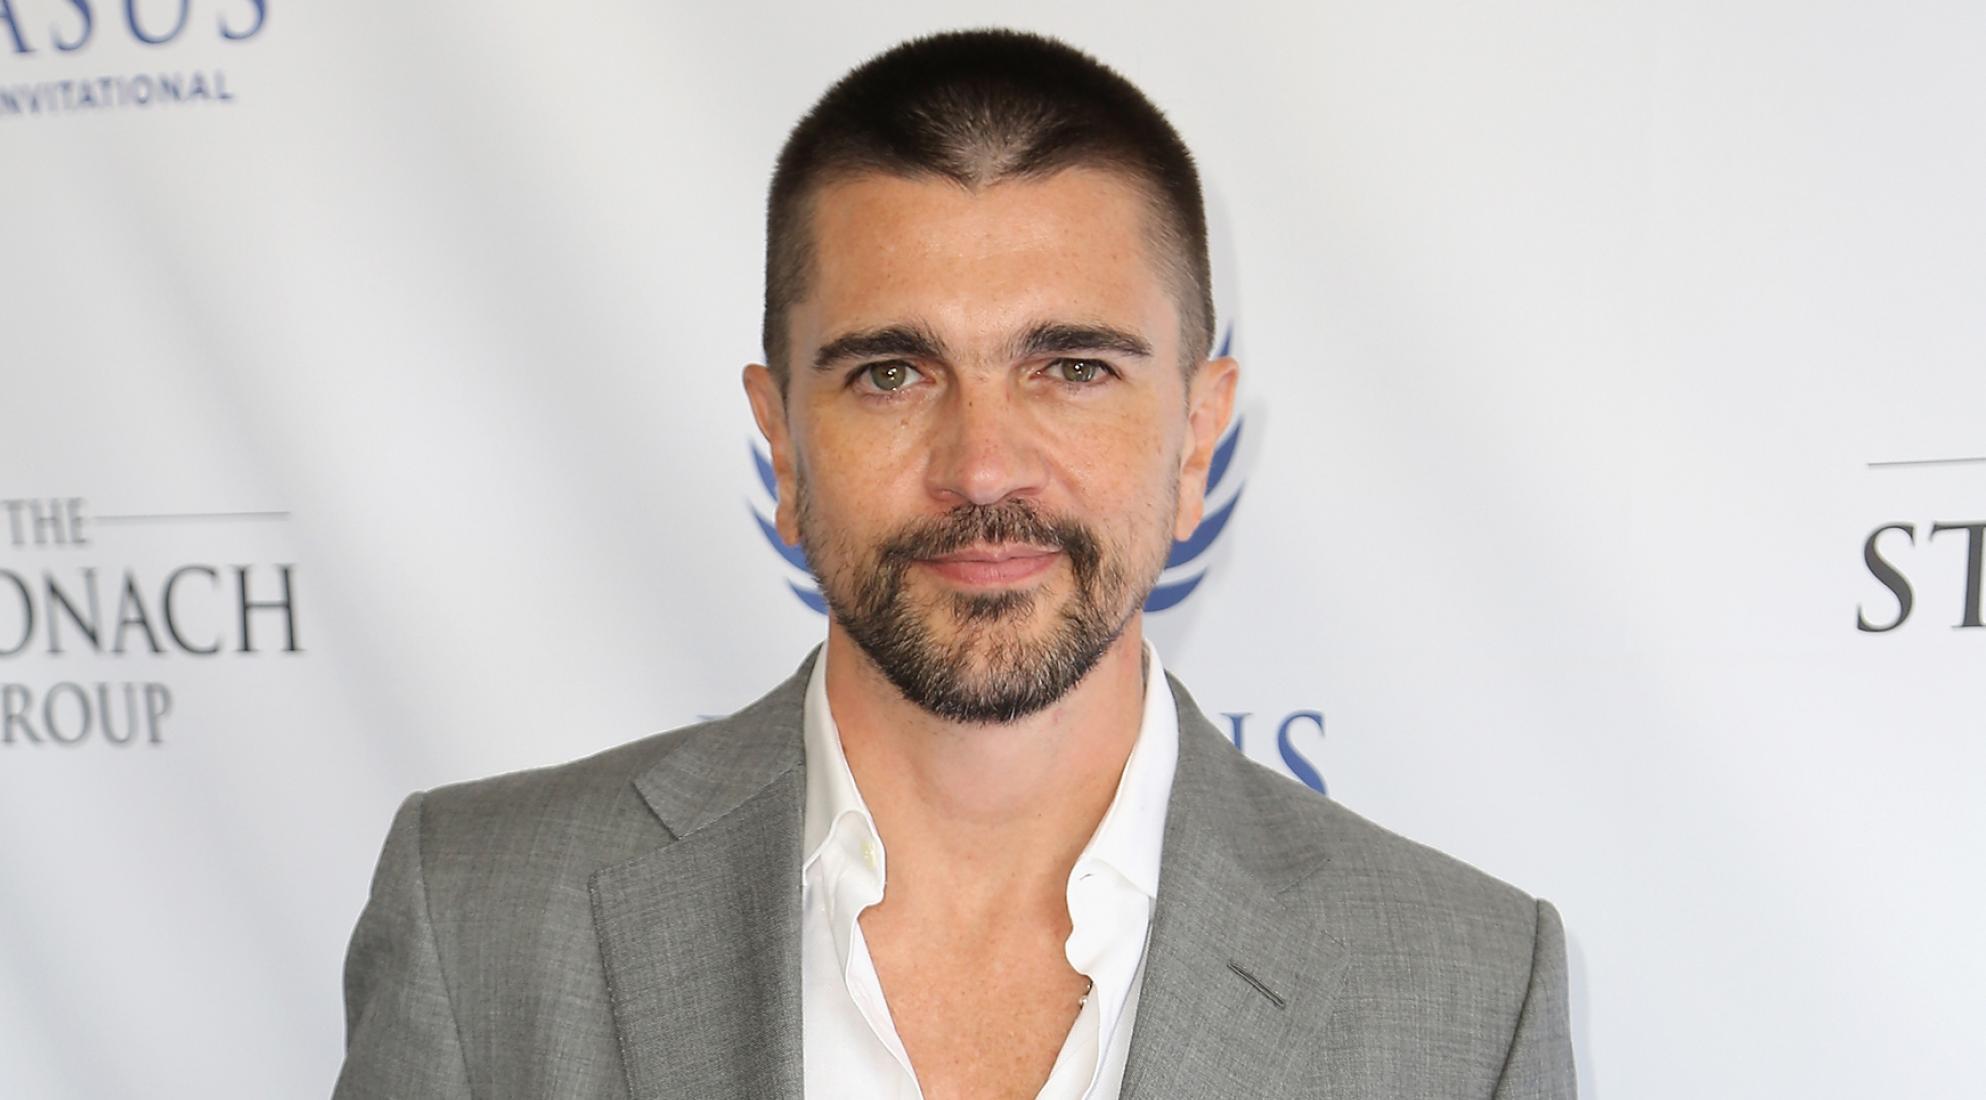 متن و ترجمه آهنگ های خوانس - Juanes